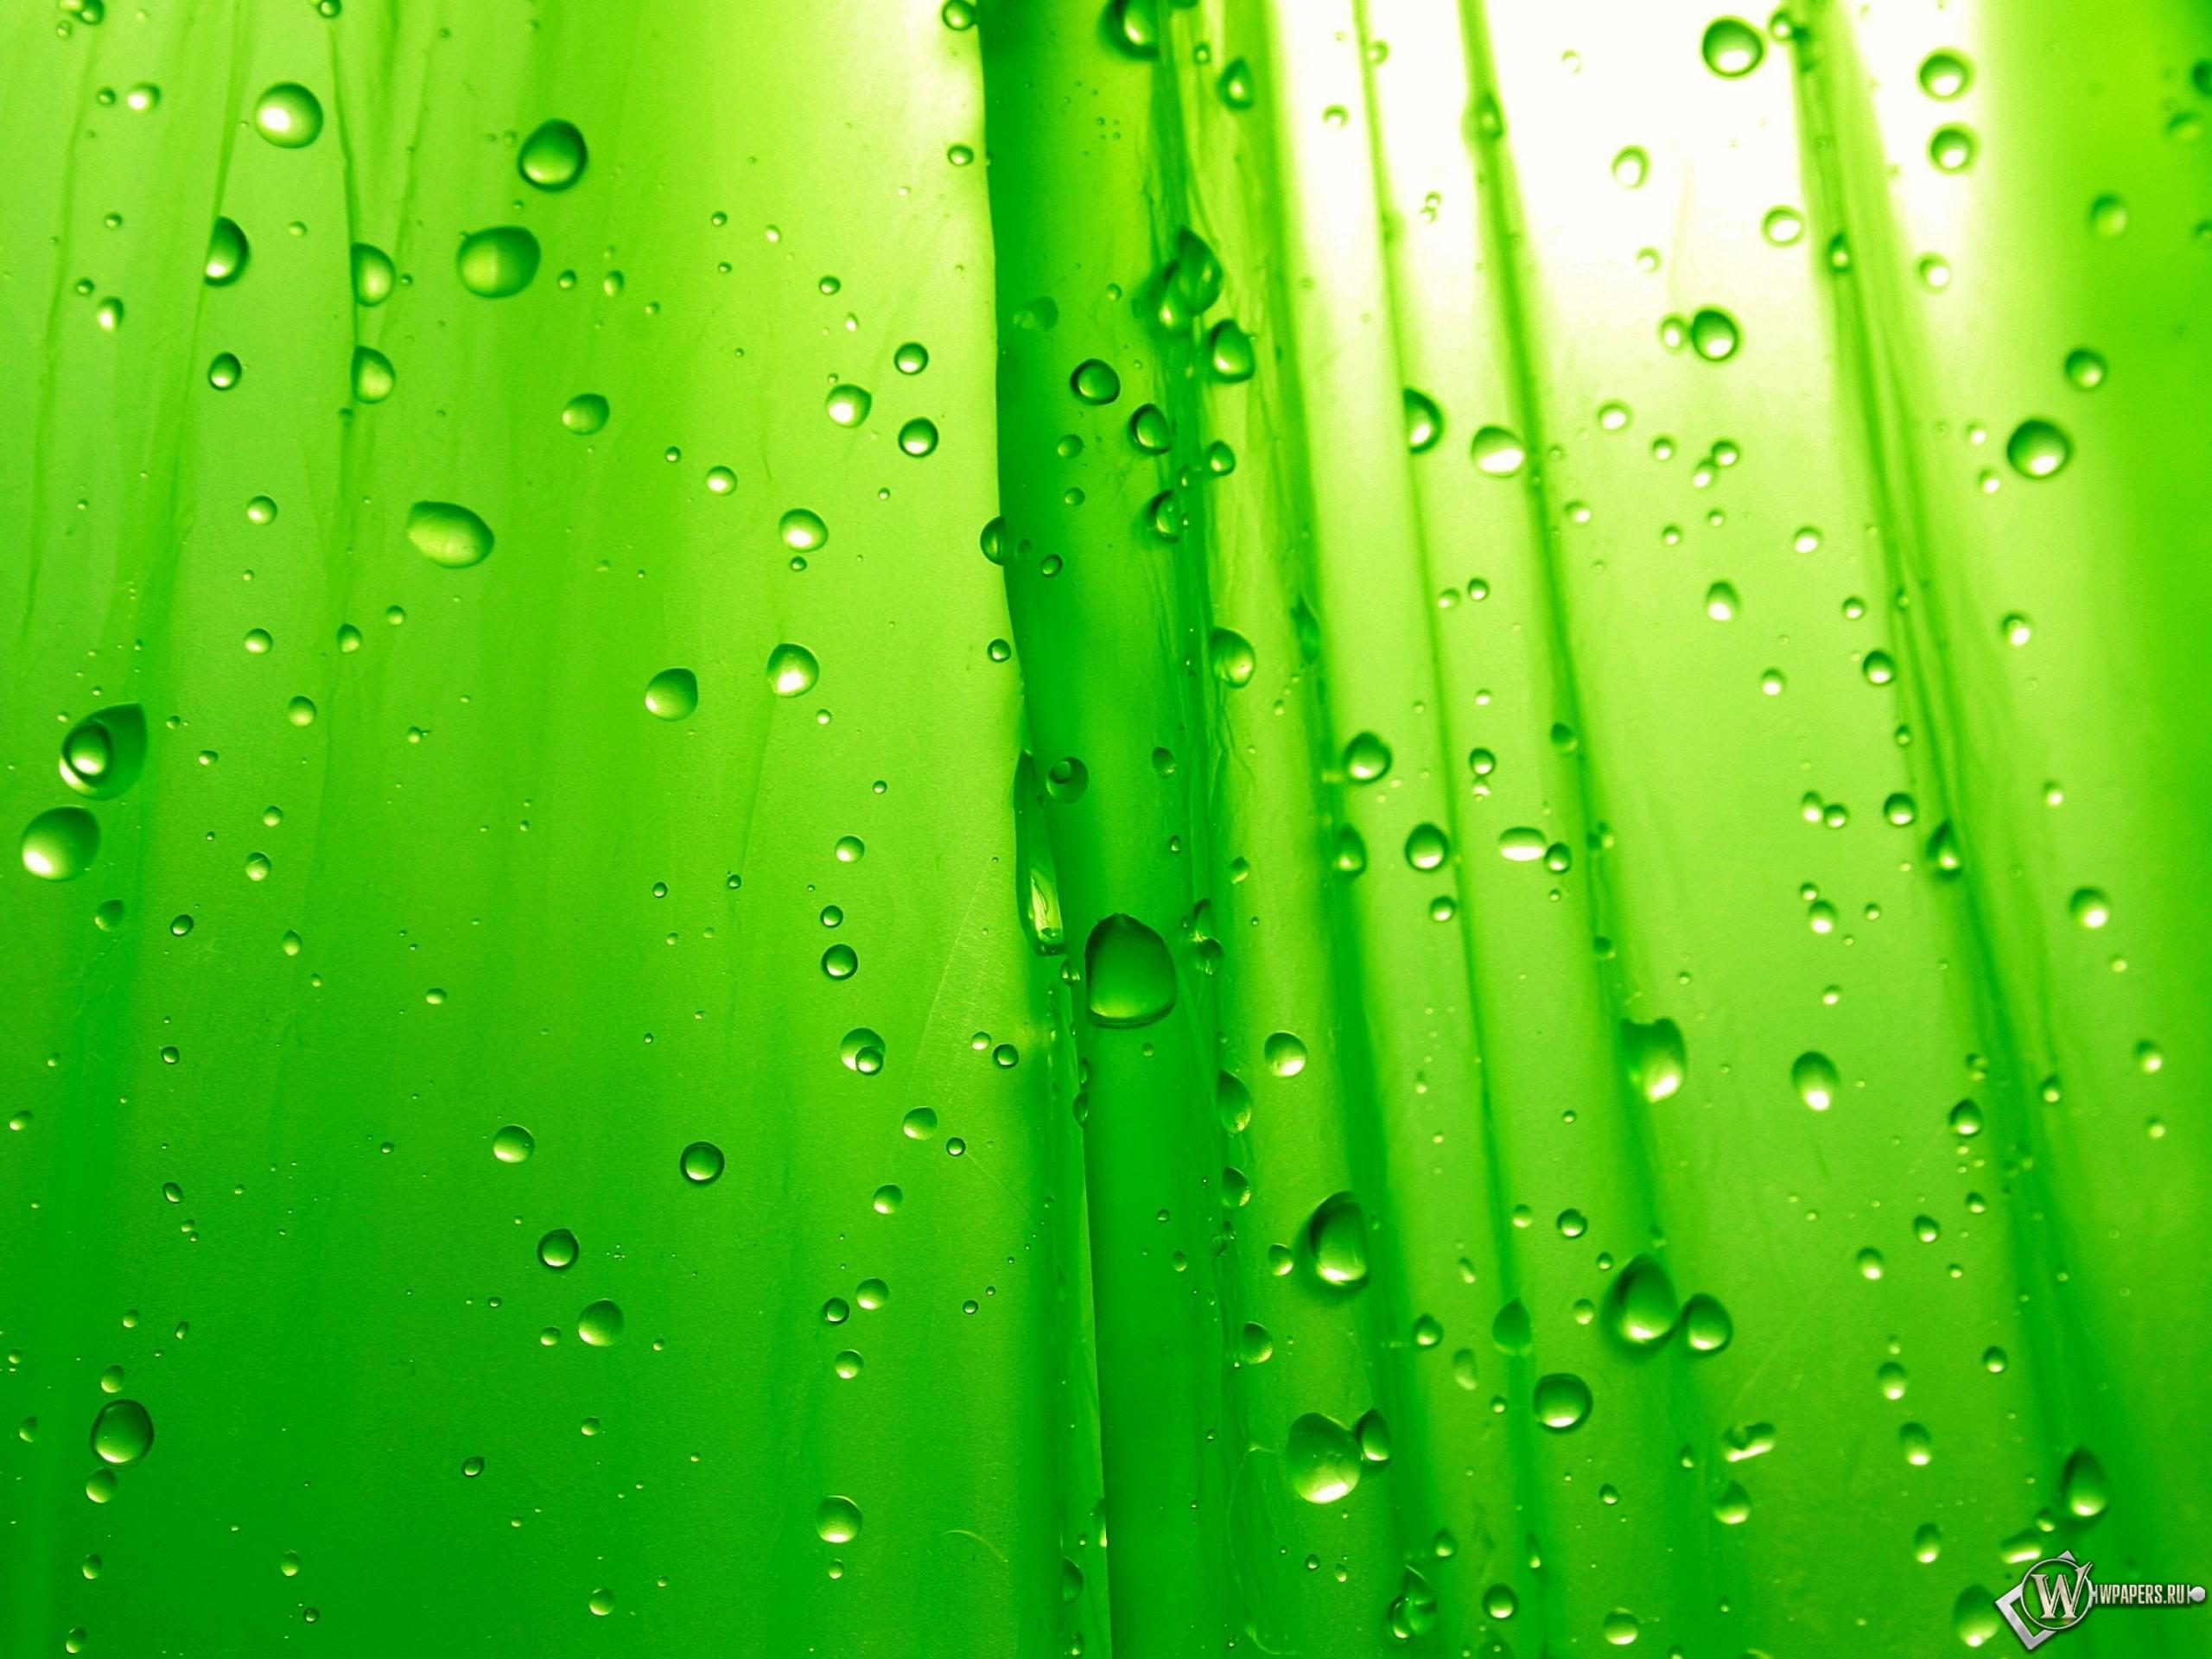 Зелёный фон 2560x1920